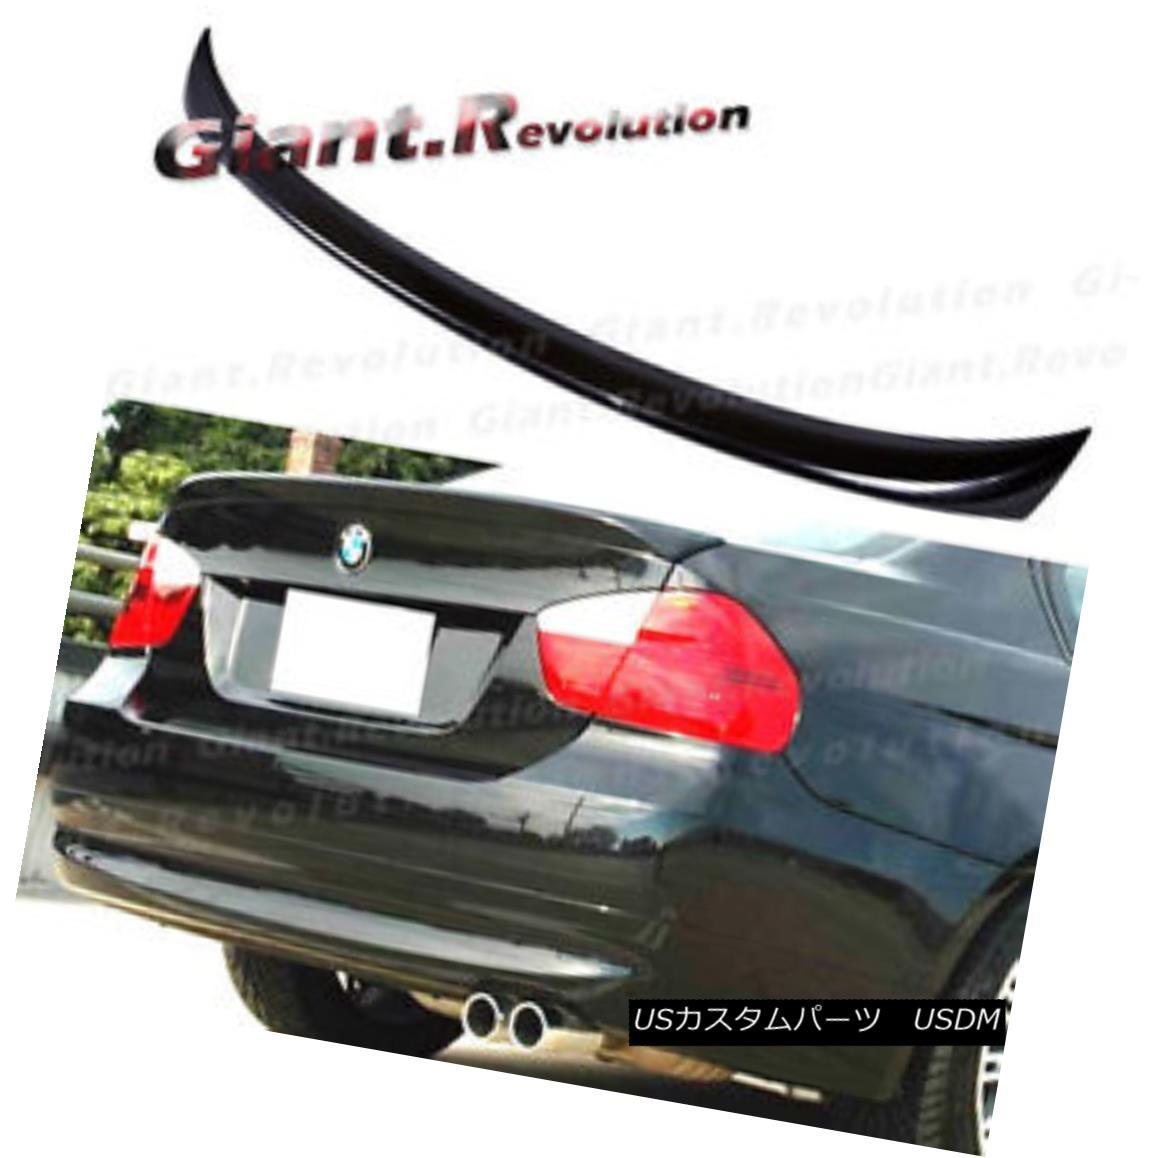 エアロパーツ #668 Jet Black OE Type Rear Deck Trunk Spoiler For BMW E90 328i 335i M3 4DR Wing #668 BMW E90用ジェットブラックOEタイプリアデッキトランク・スポイラー328i 335i M3 4DRウィング